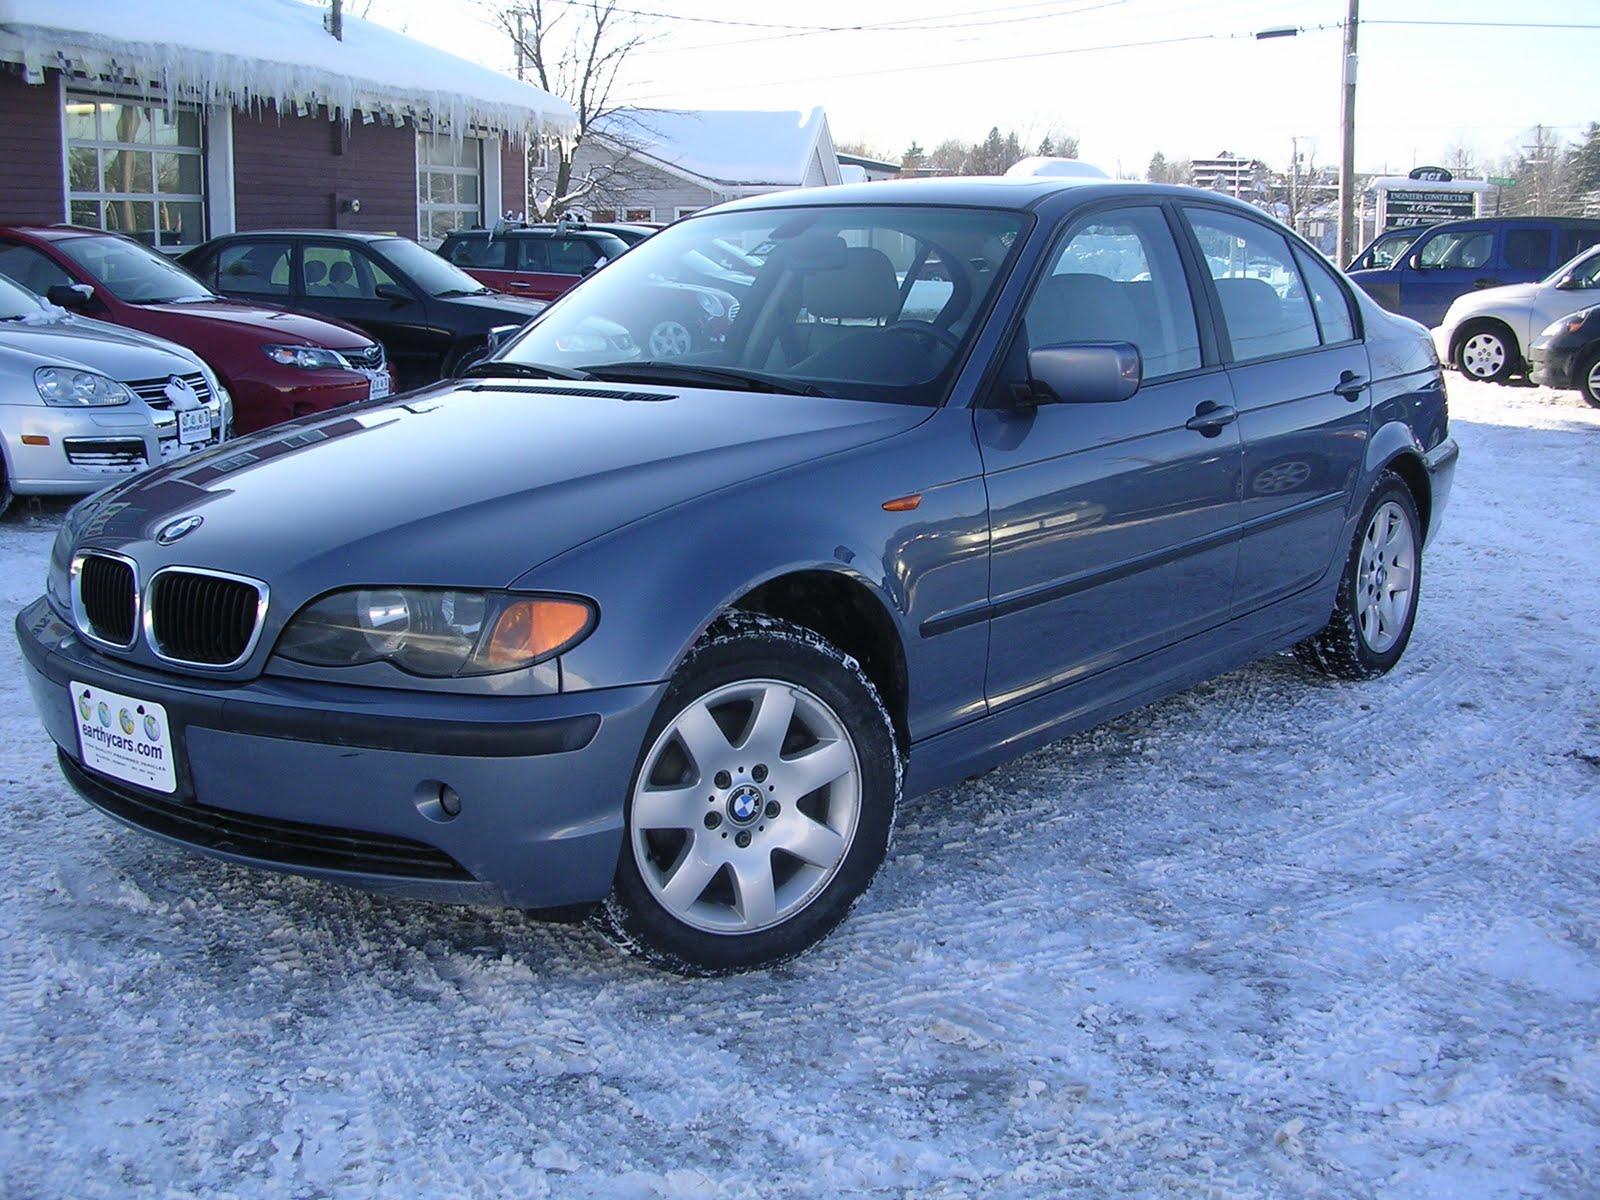 Earthy Cars Blog Earthy Cars Spotlight 4 19 2011